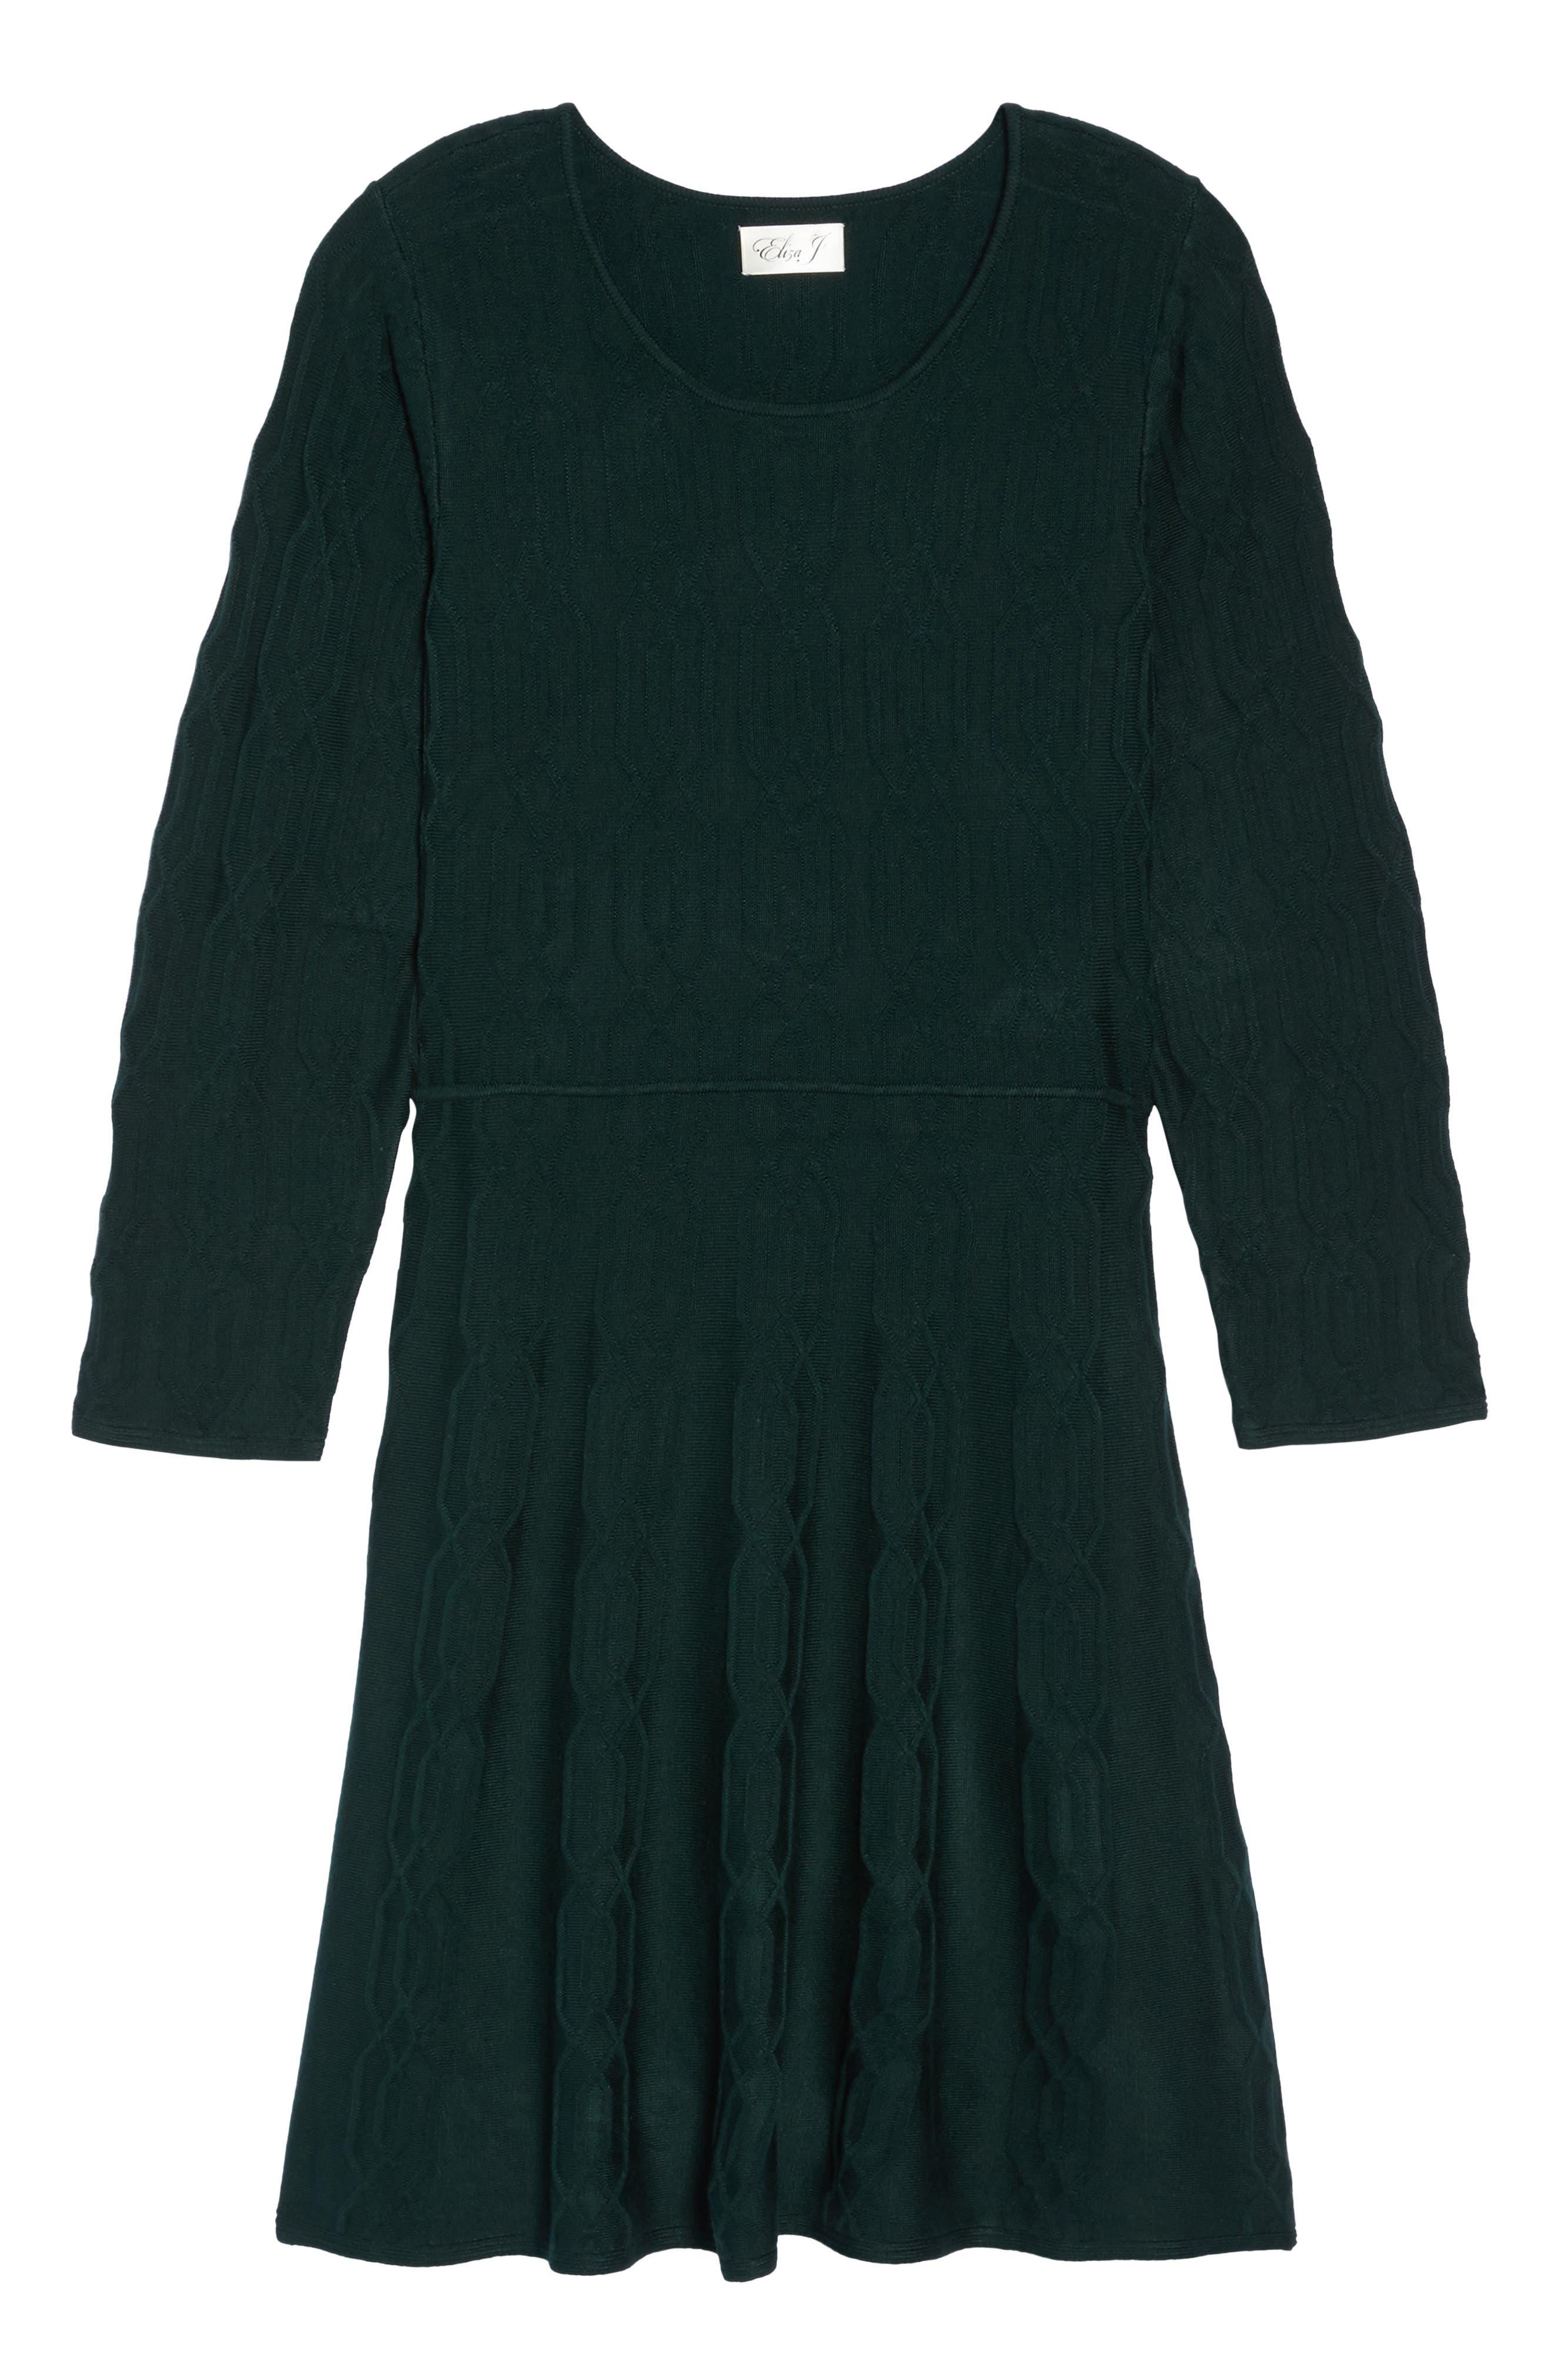 Jacquard Knit Fit & Flare Dress,                             Alternate thumbnail 6, color,                             Green